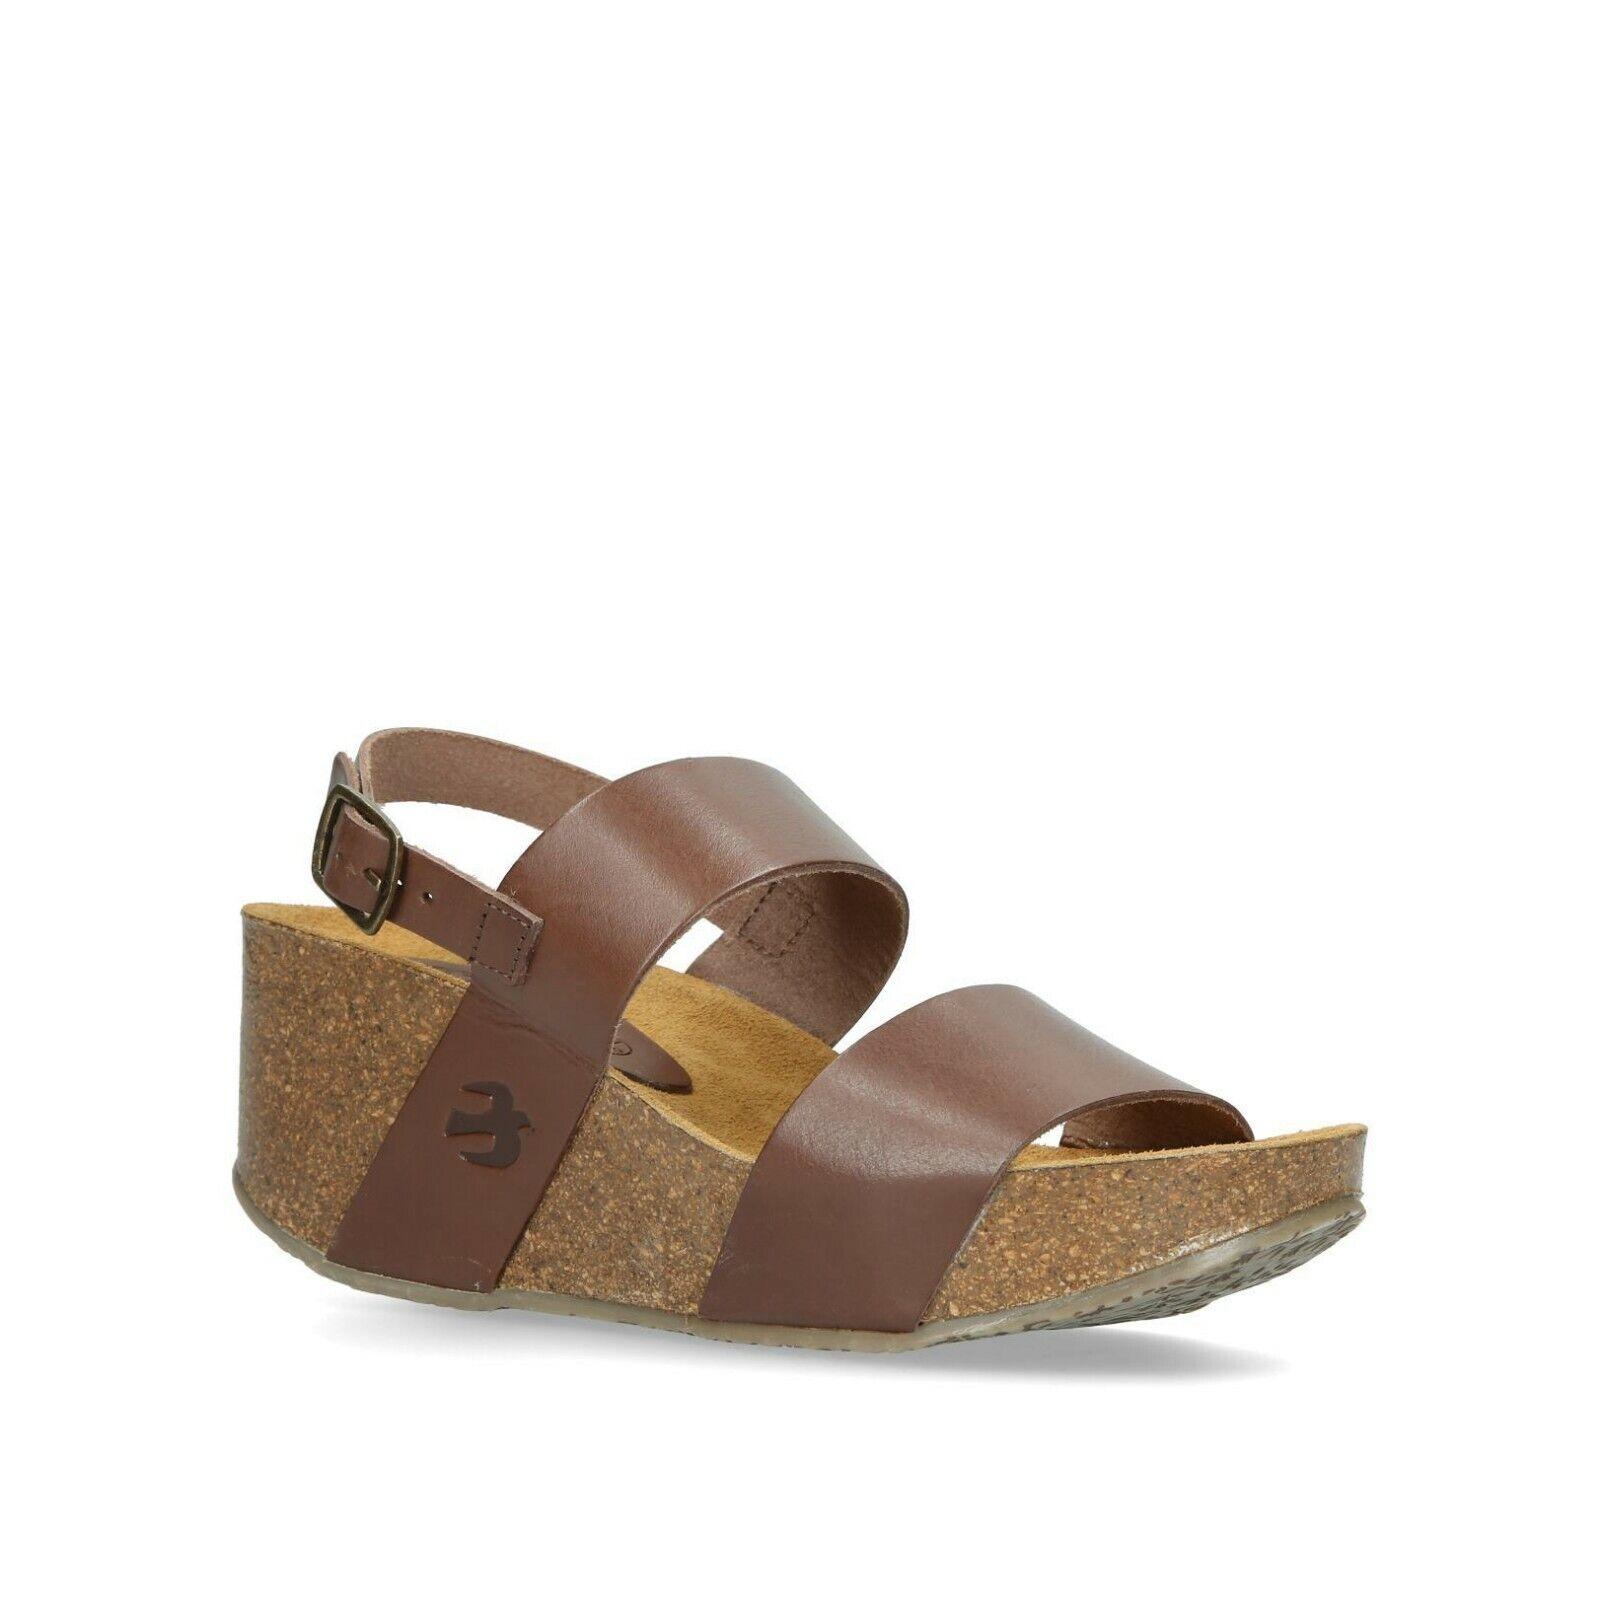 BNIB Ladies Brown Leather 2 Strap Heel Support Footbed Wedge Slide Sandals Sz 4